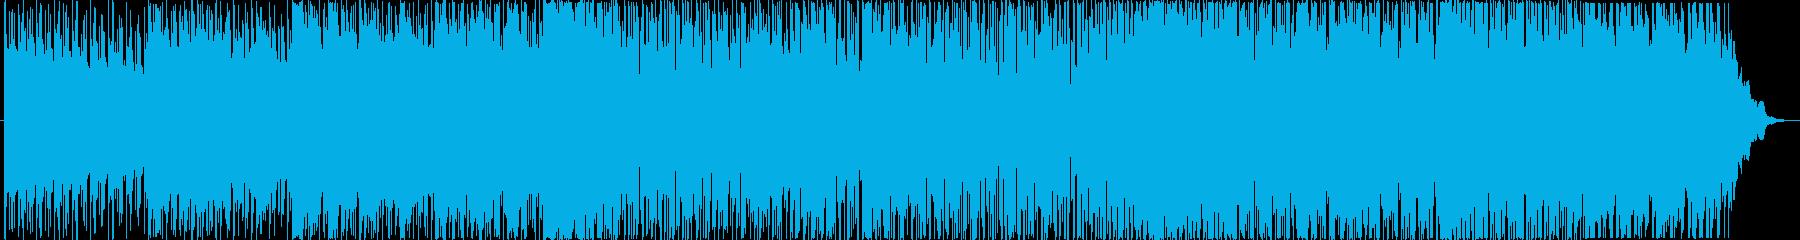 明るくリズミックなポップスBGMの再生済みの波形